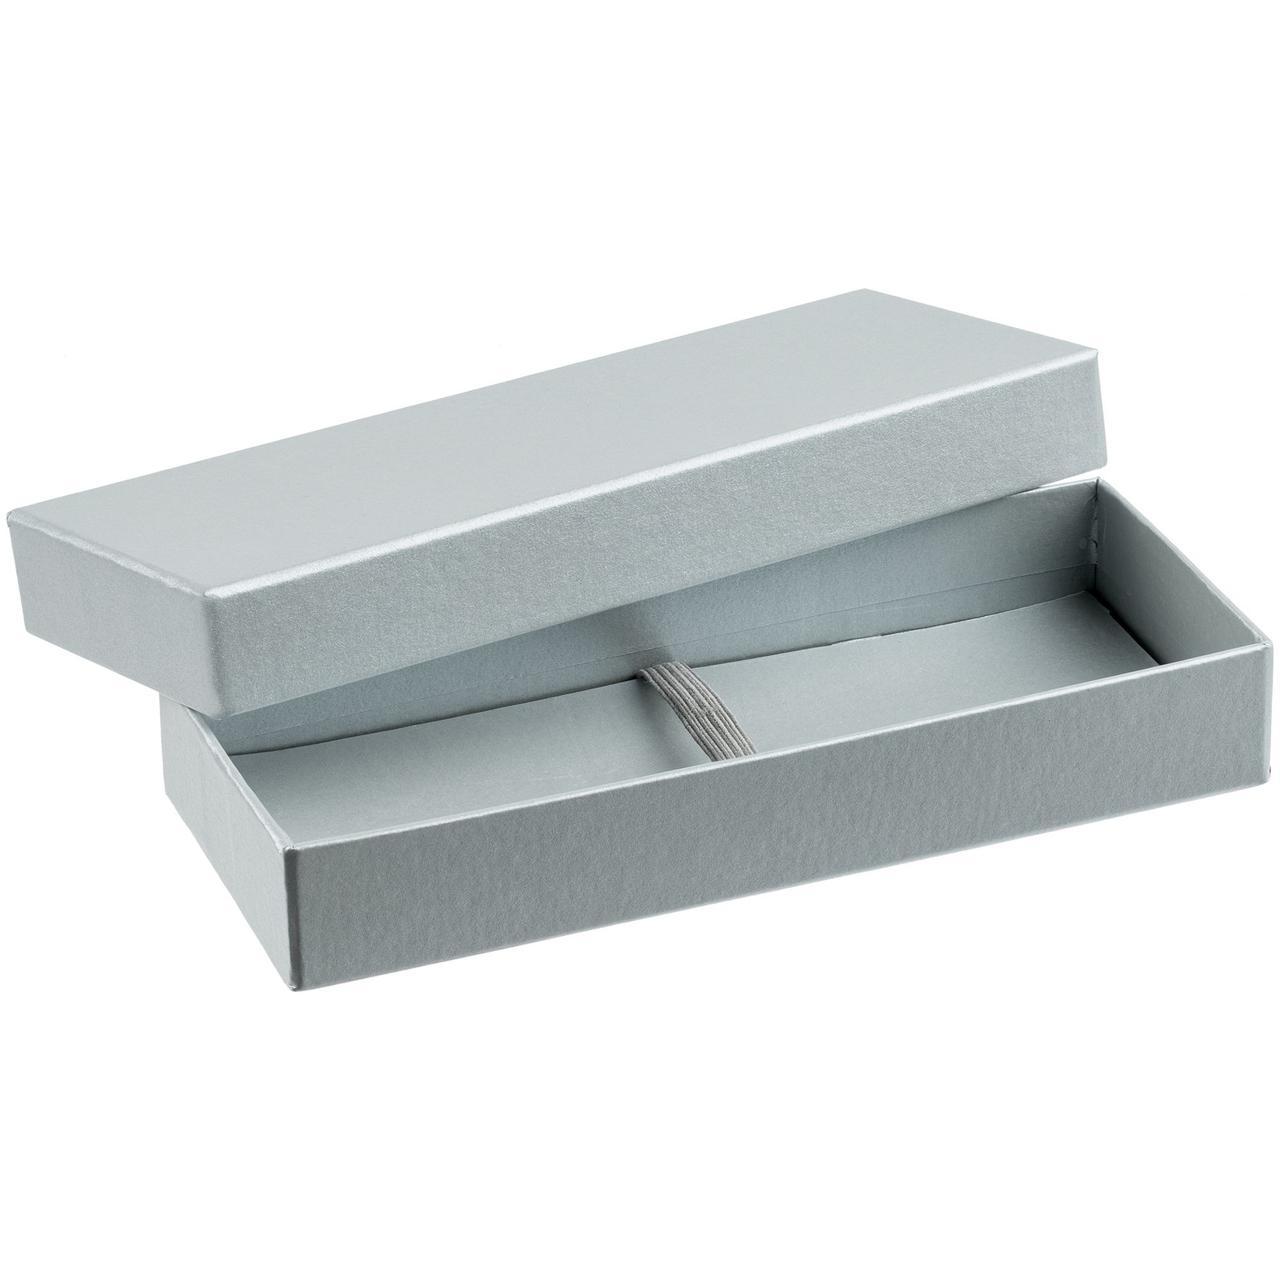 Коробка Tackle, серебристая (артикул 7956.10)